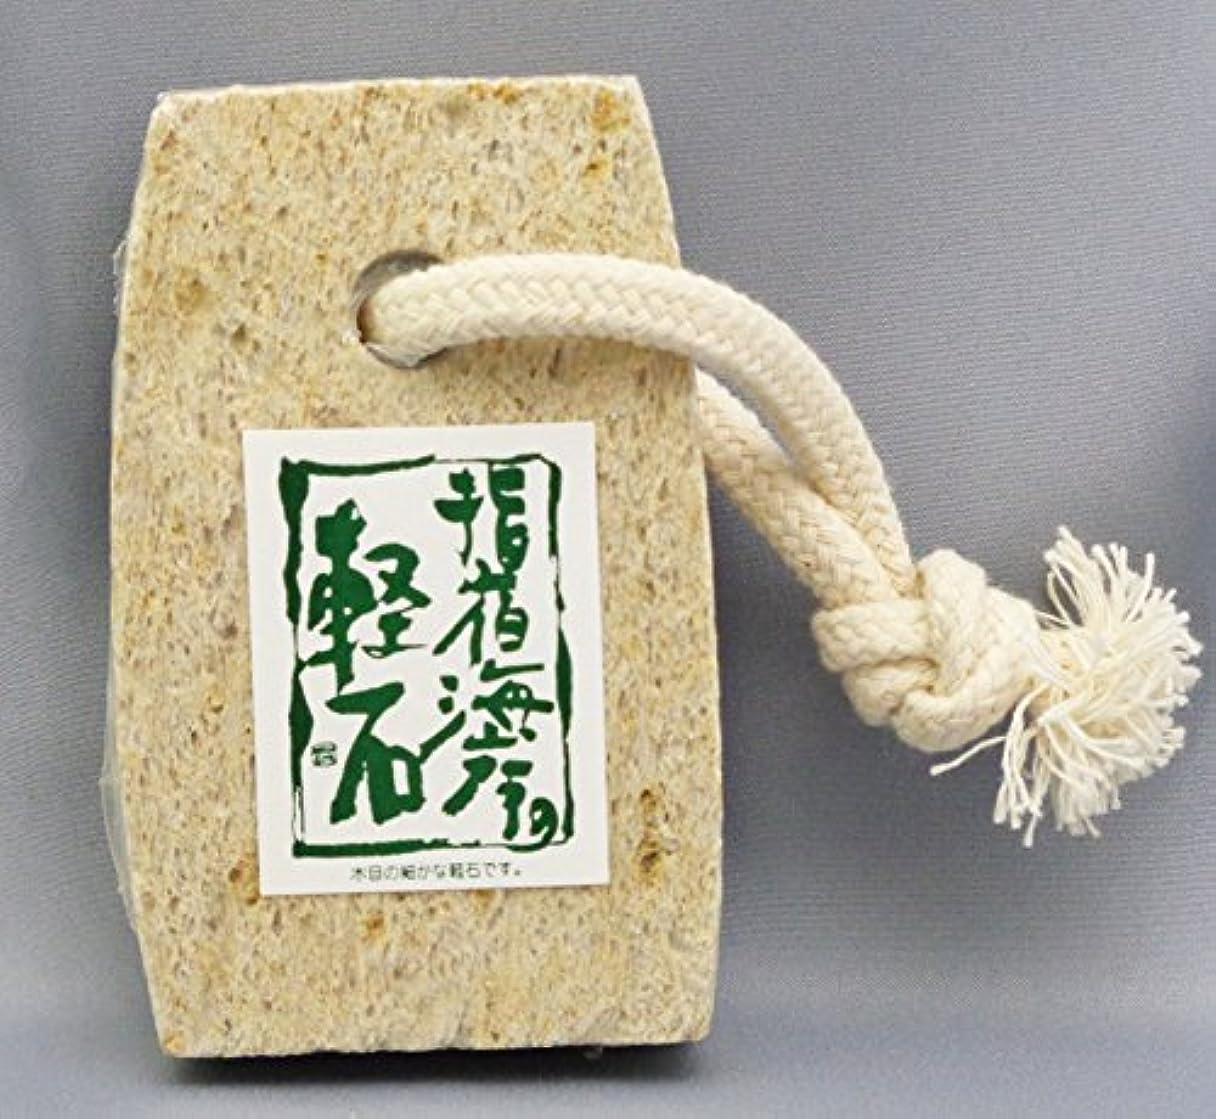 出版束ポーターシオザキ No.3 中判軽石 (ヒモ付き)指宿の軽石